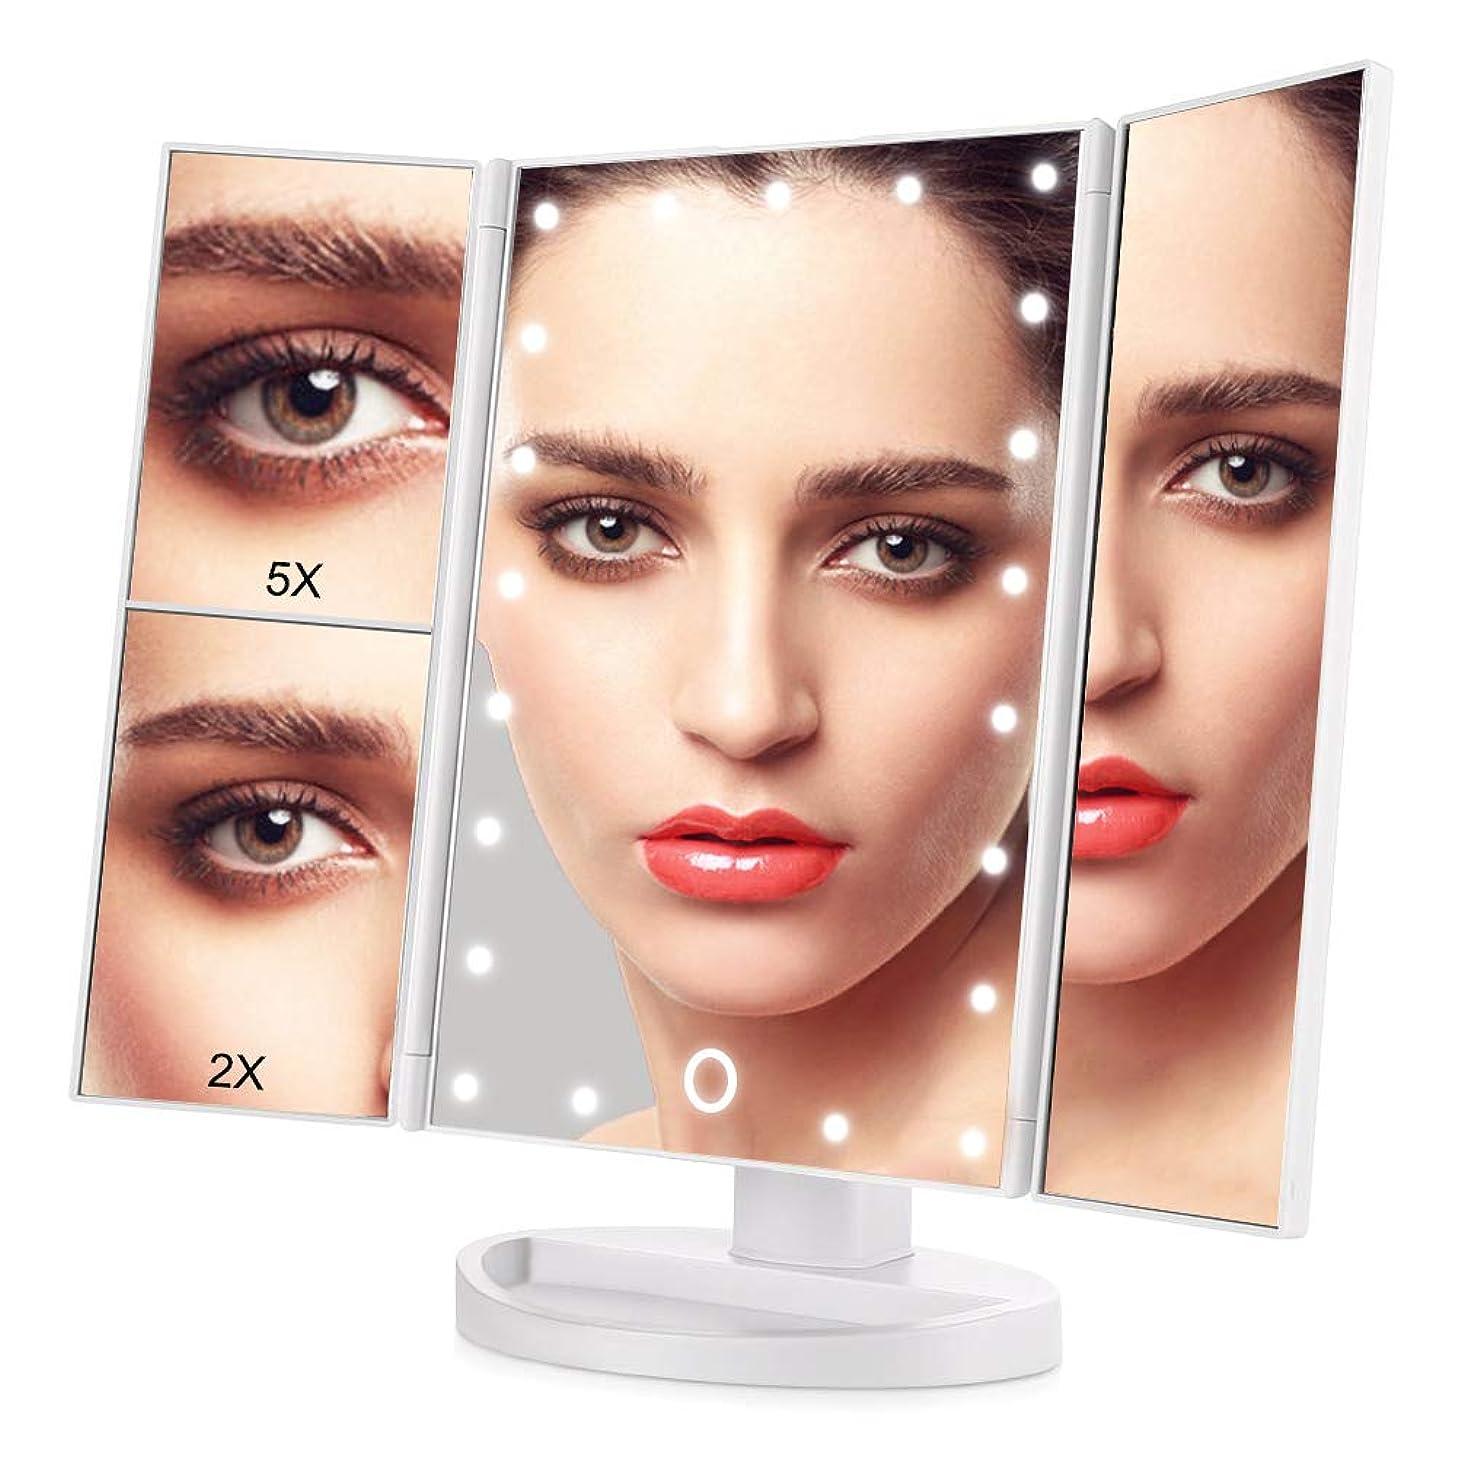 分割認知純度OKISS 三面鏡 化粧鏡 卓上 ミラー 鏡 ledライト 化粧ミラー メイクアップミラー 2倍と5倍拡大鏡付き 明るさ調節可能 折り畳み式 180°回転 USB/単4電池給電